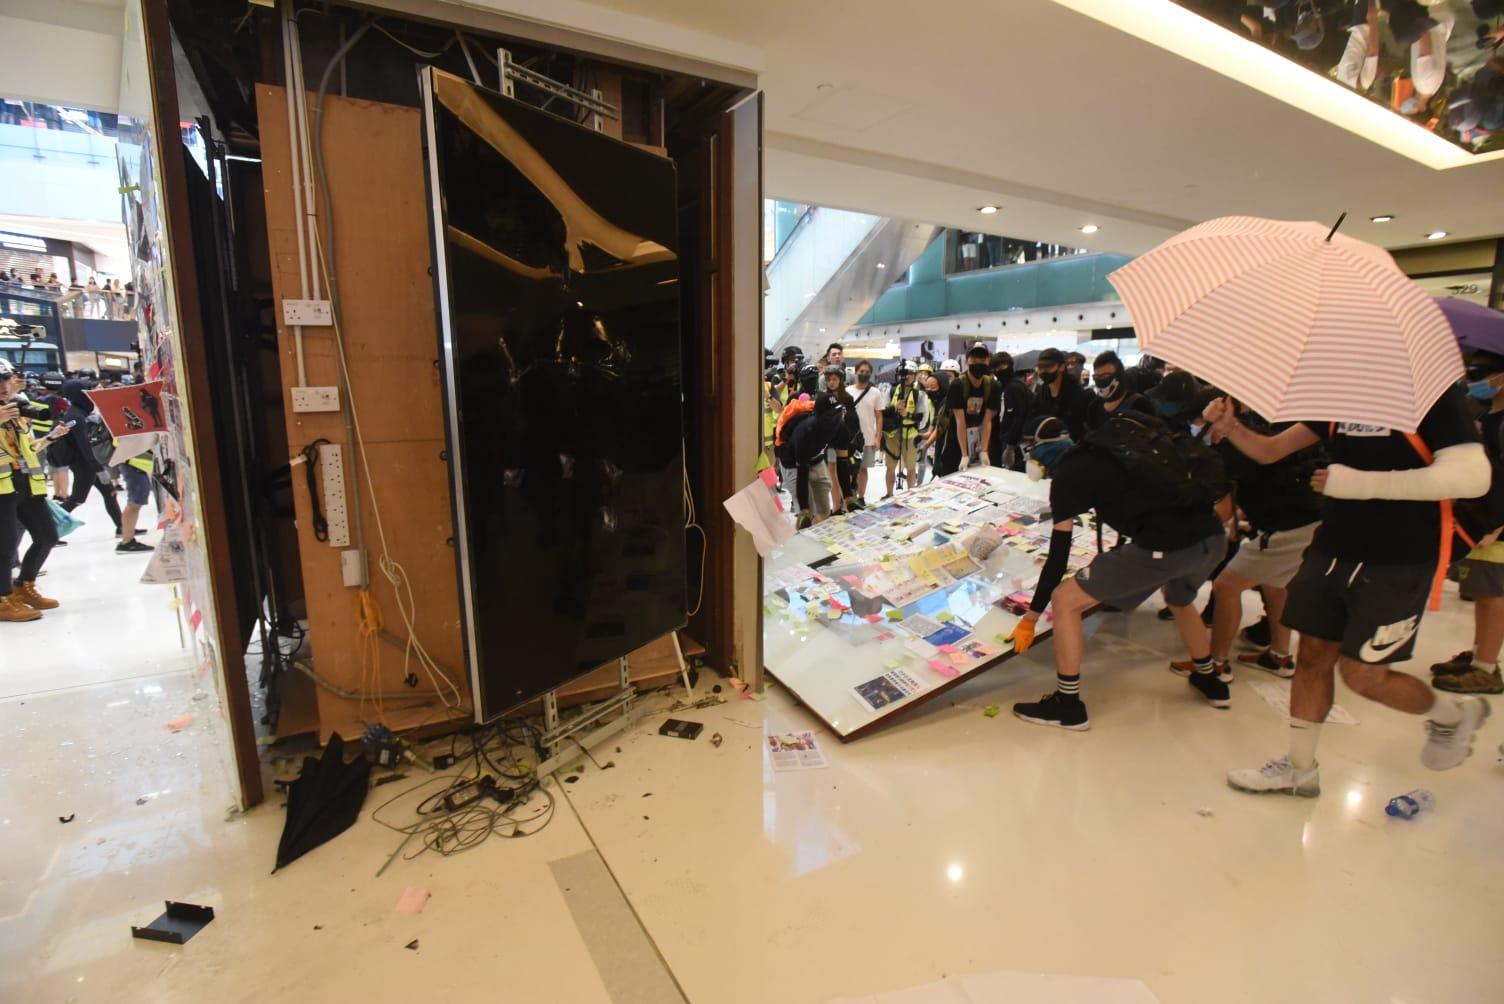 沙田站遭人大肆破壞,毗連的沙田大會堂關閉。